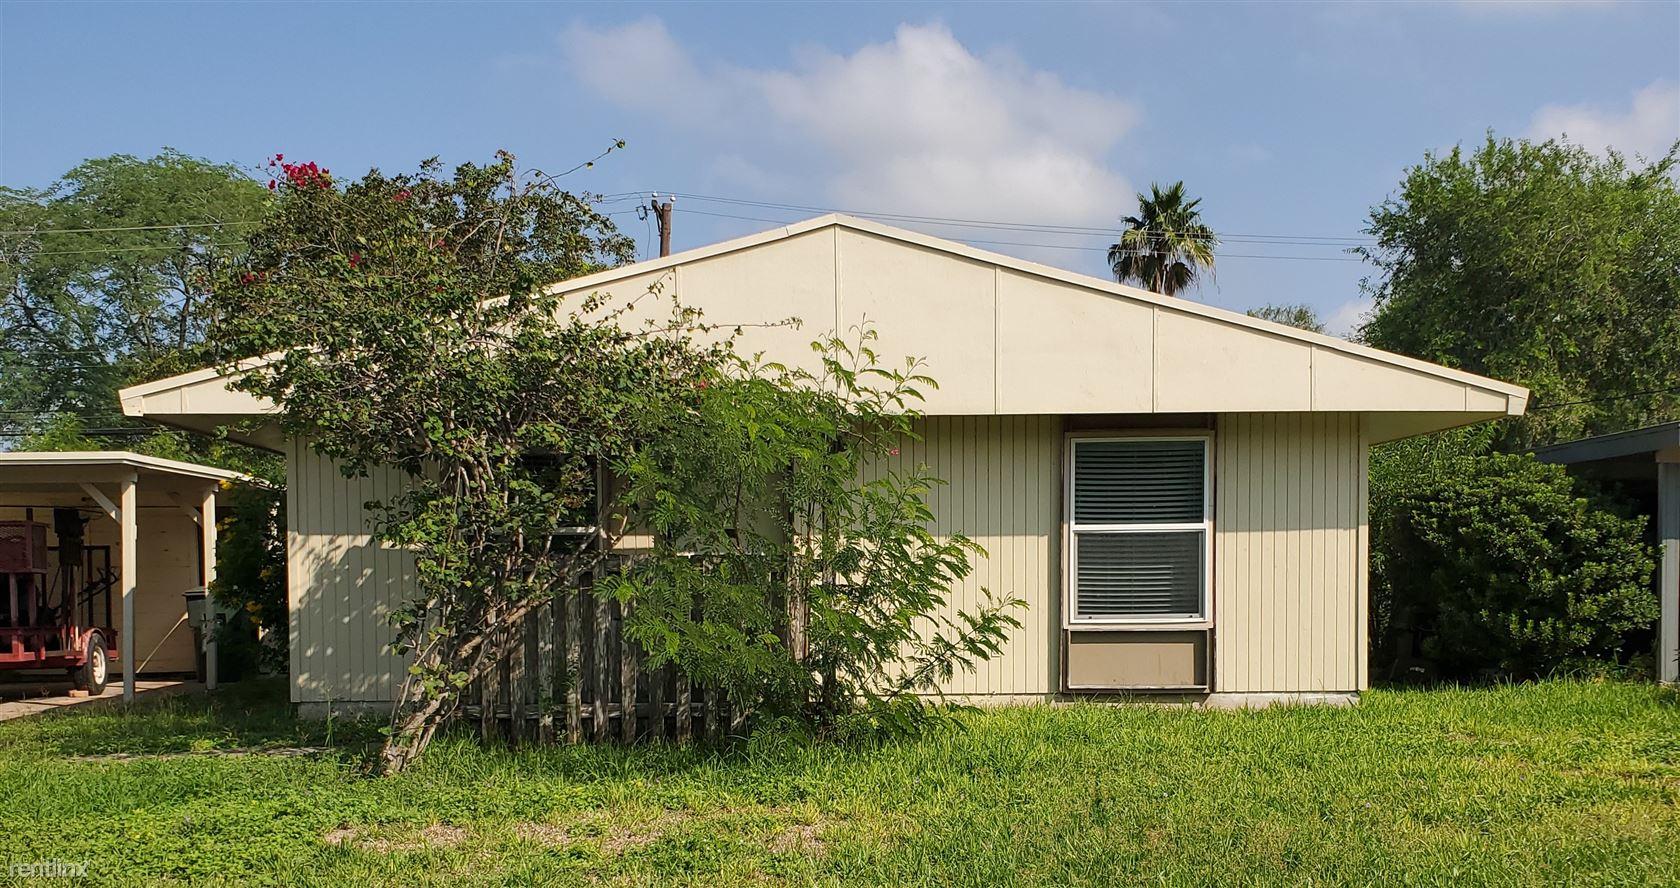 921 E Sul Ross Ave, Harlingen, TX - $875